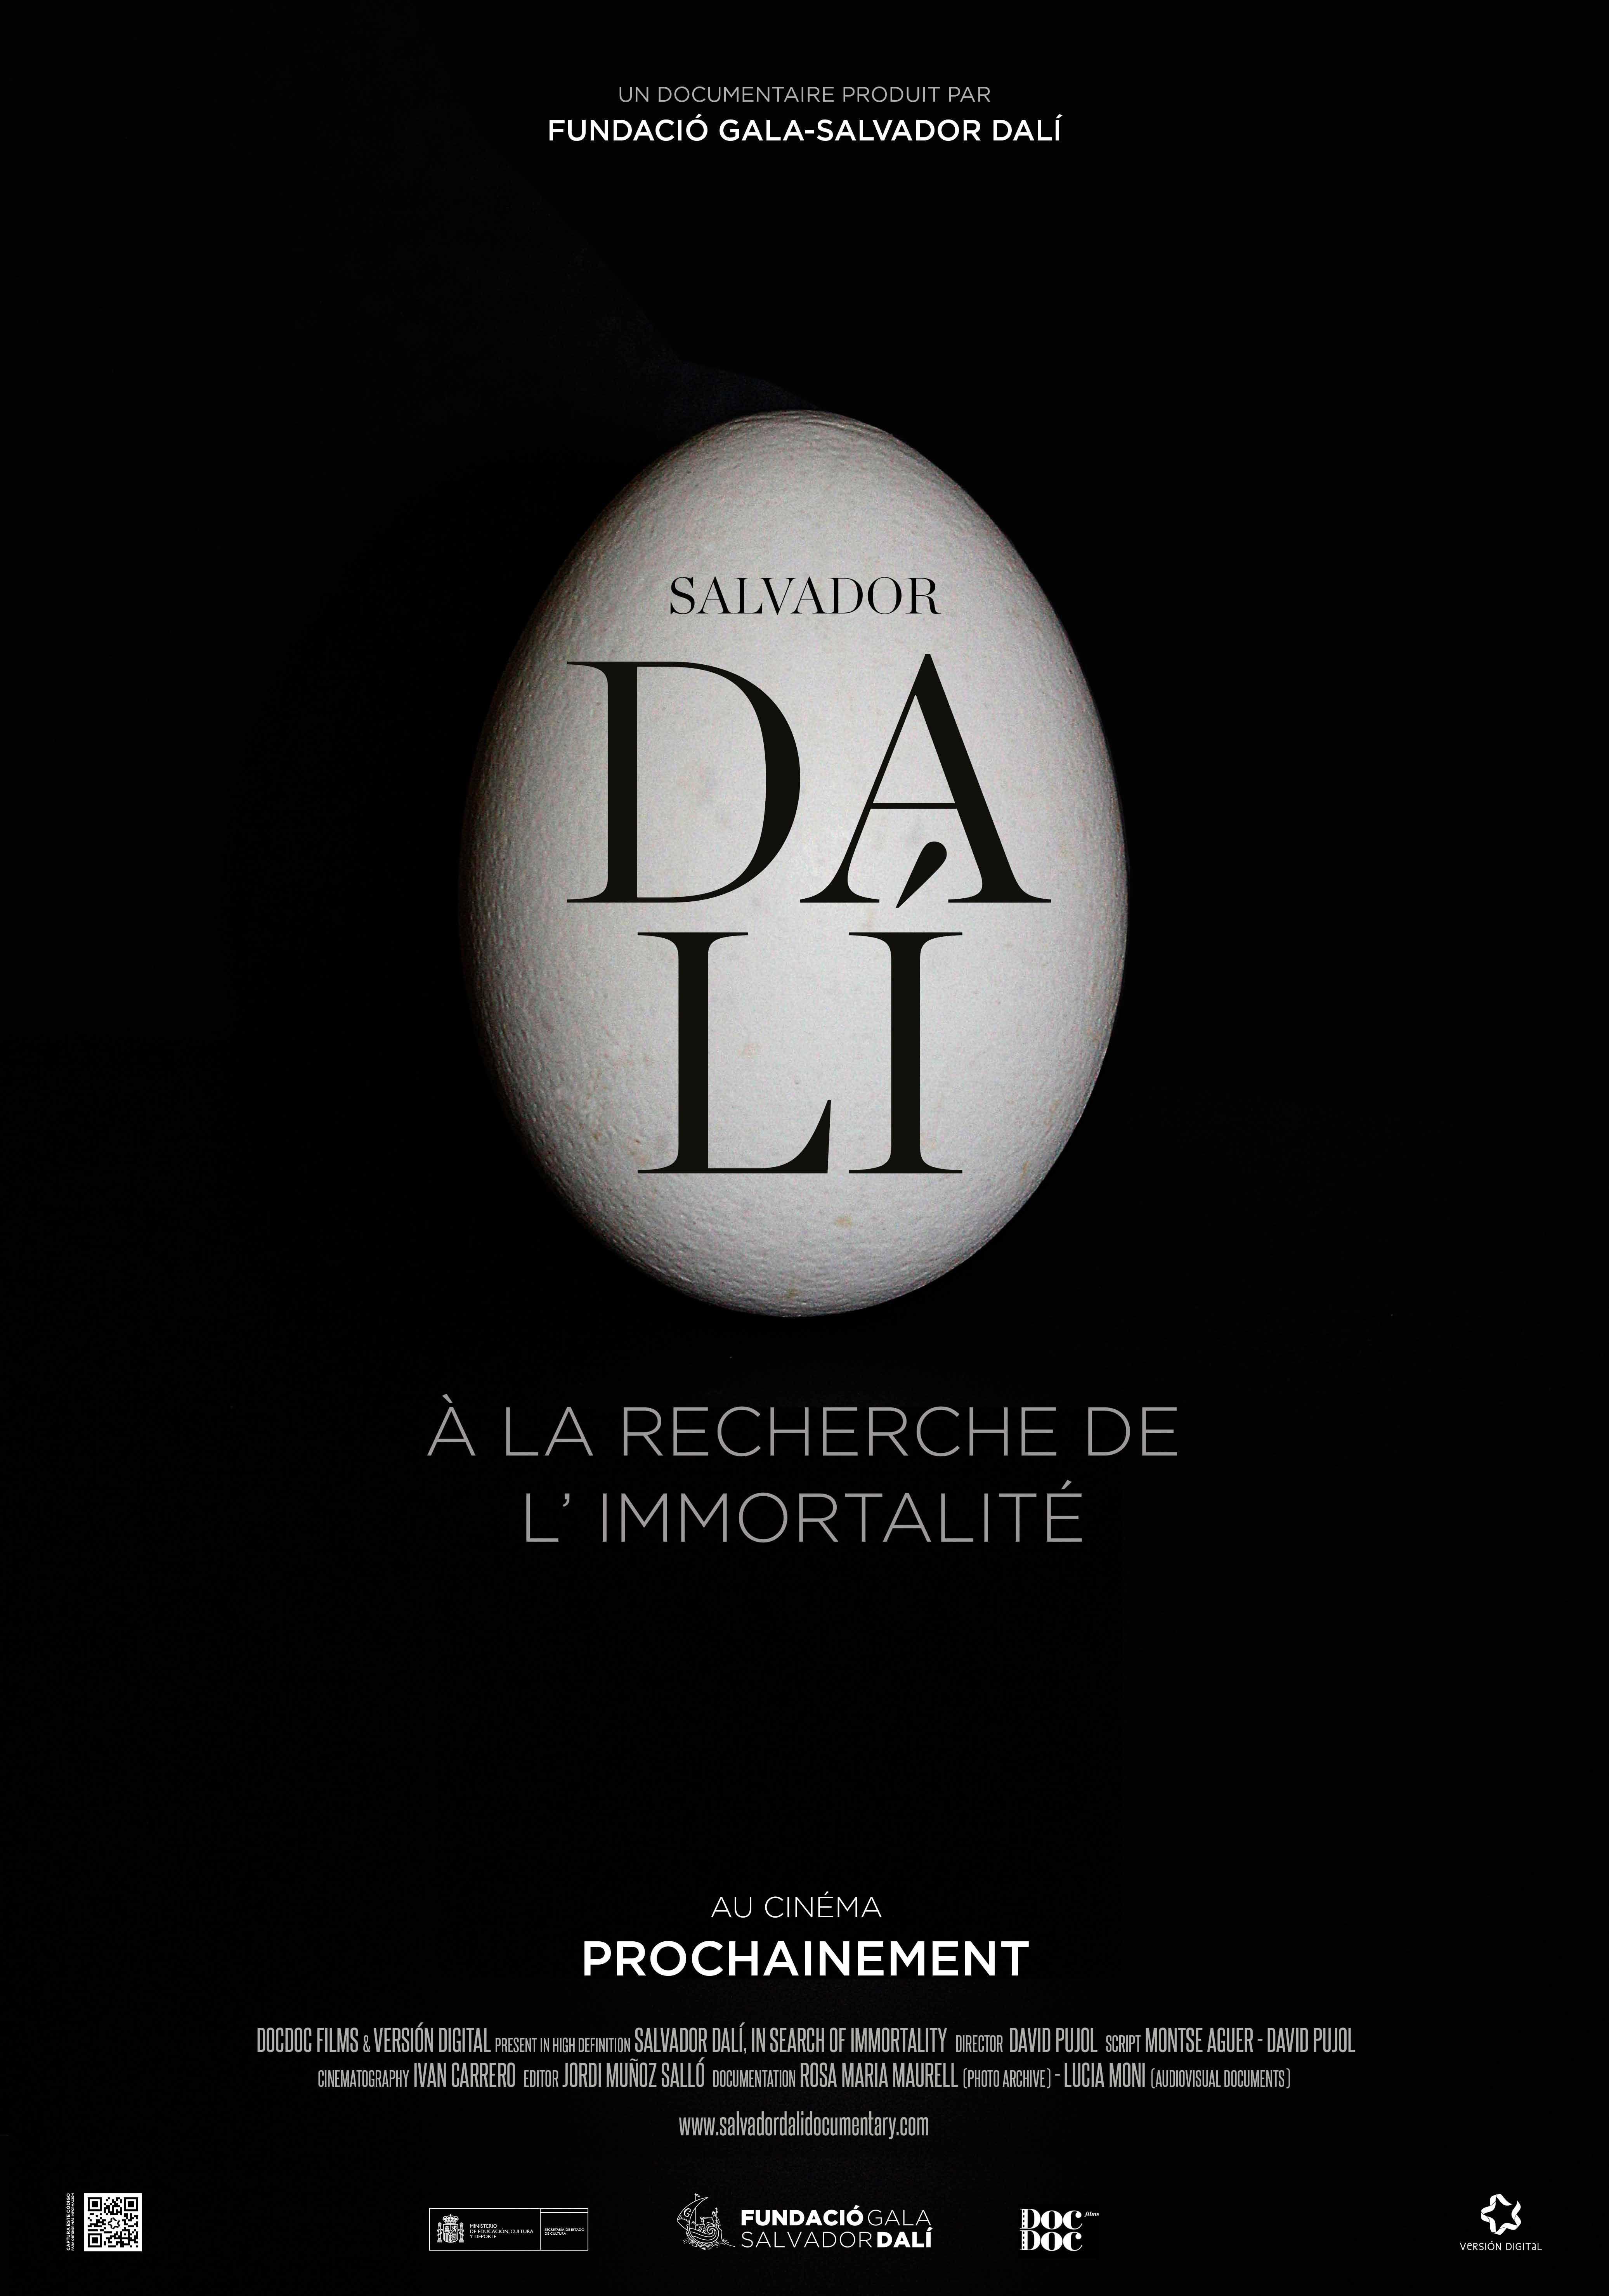 Salvador Dalí : A la recherche de l'immortalité - Documentaire (2019)